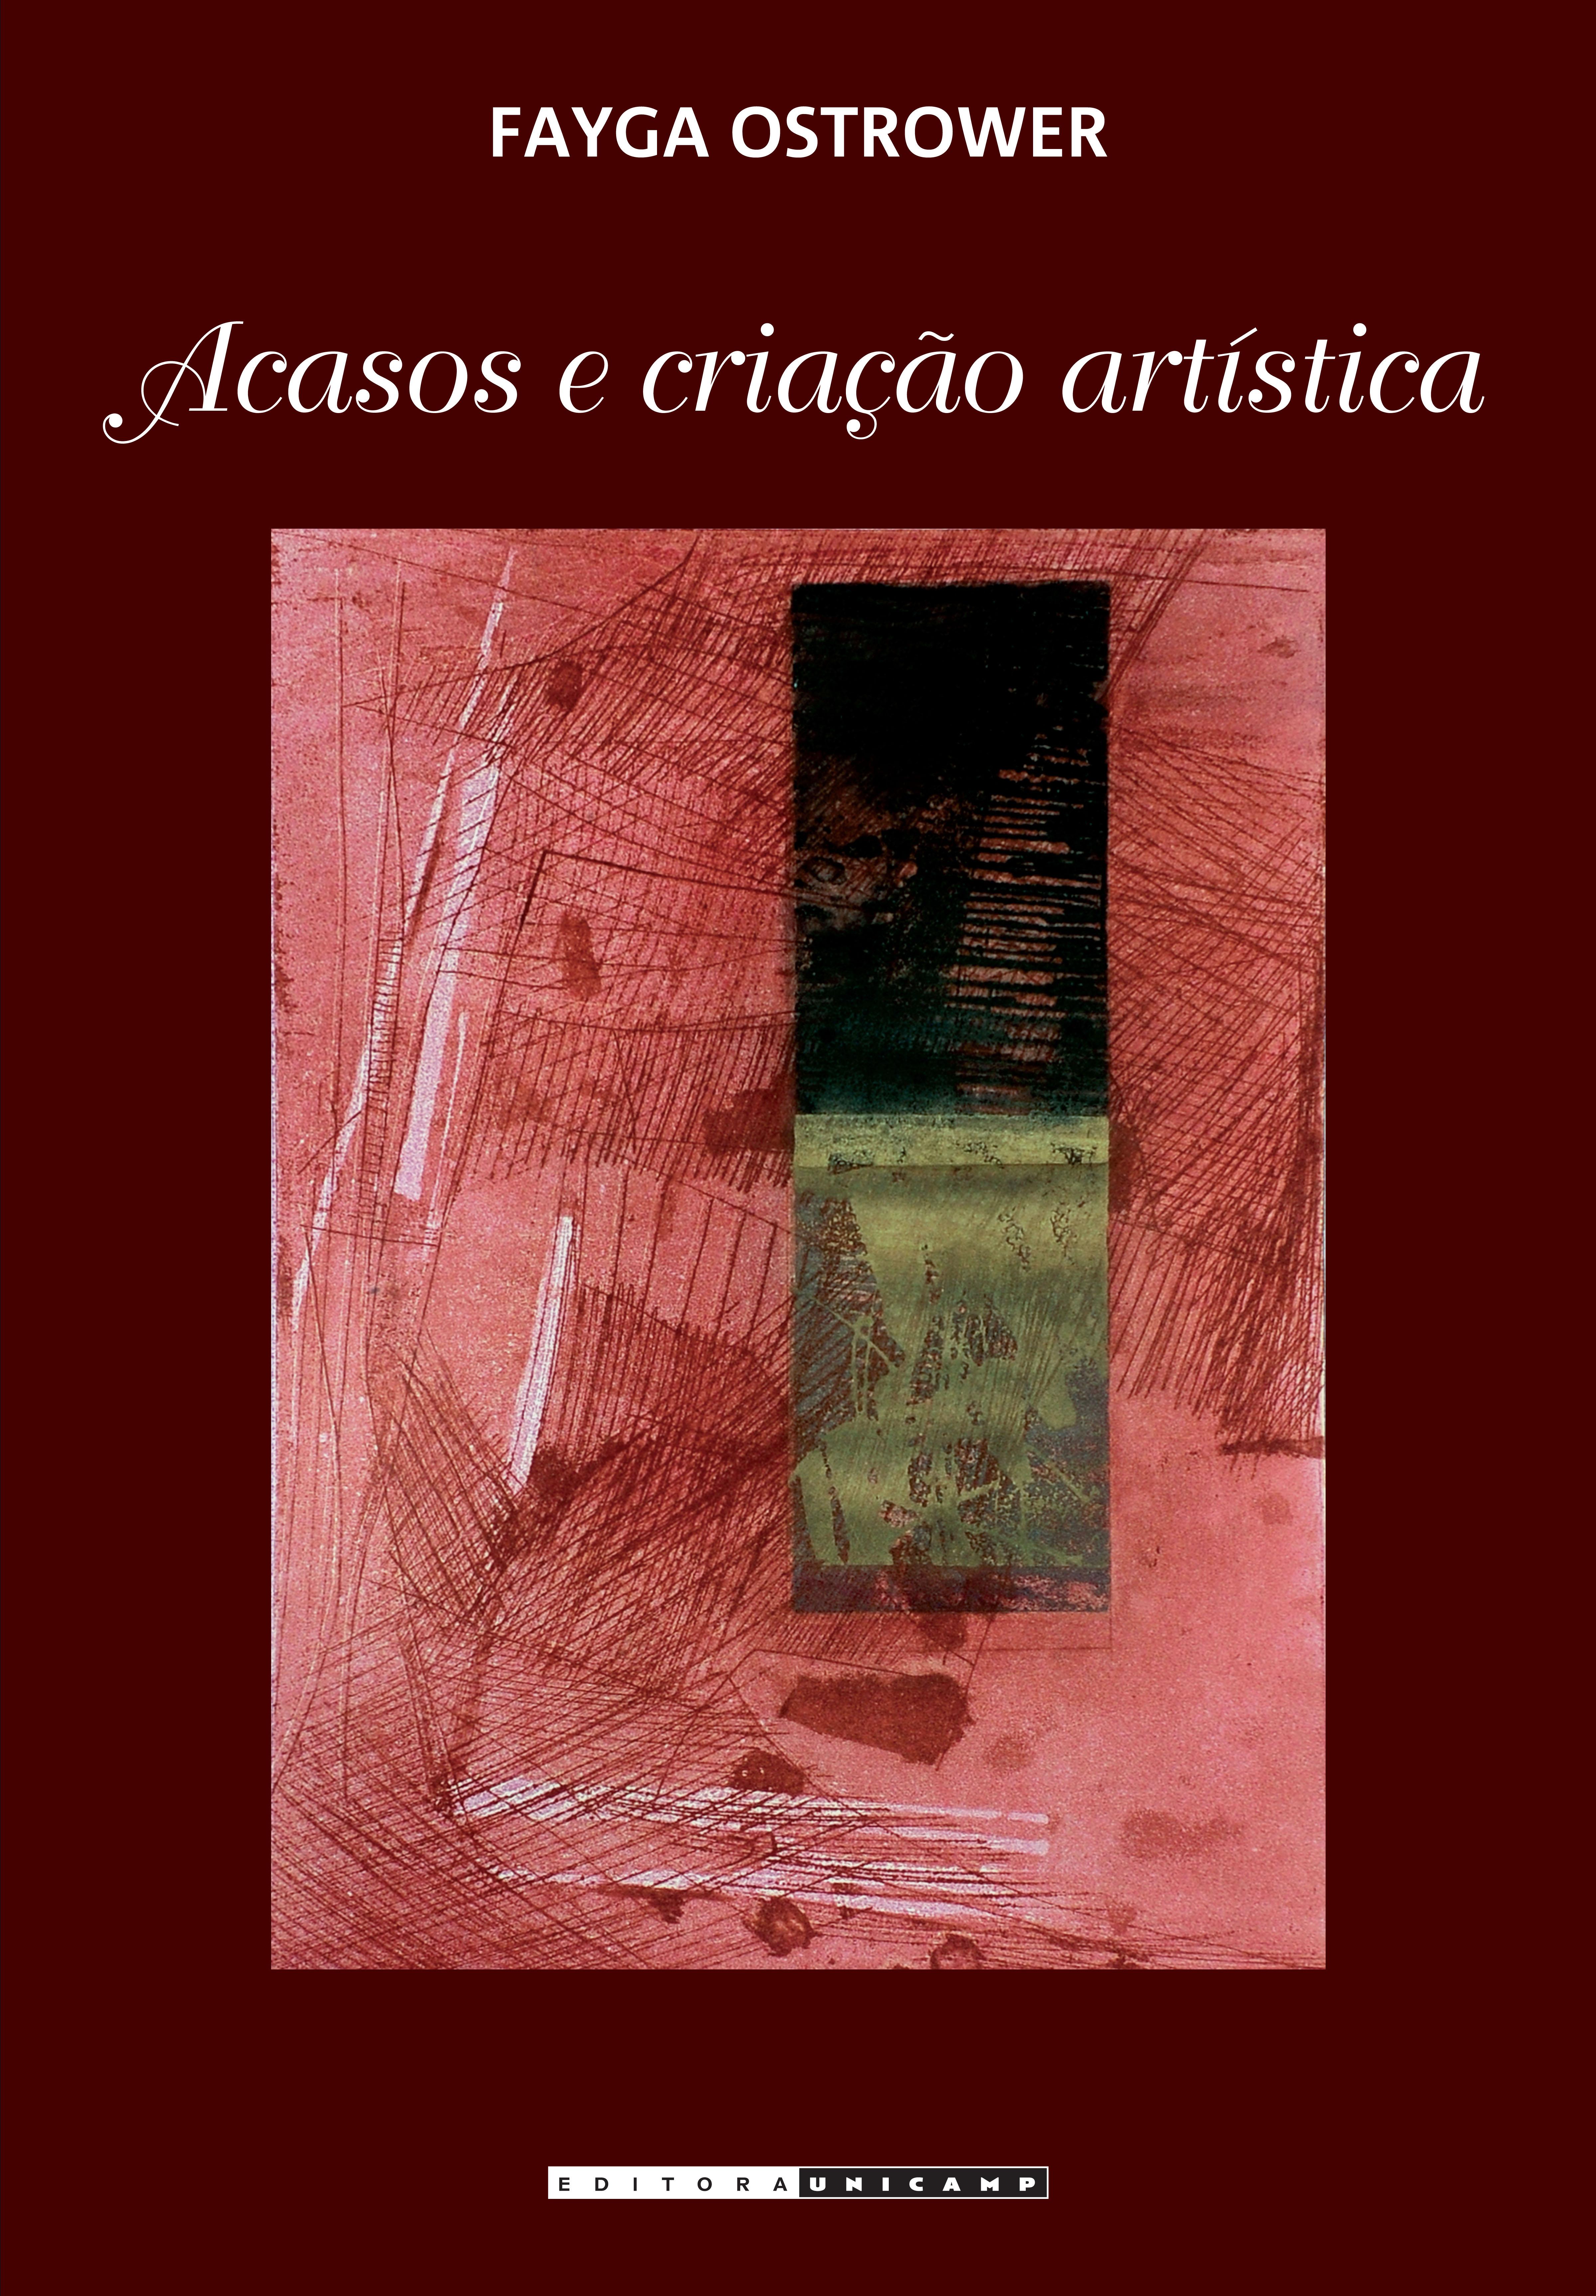 Acasos e criação artística, livro de Fayga Ostrower